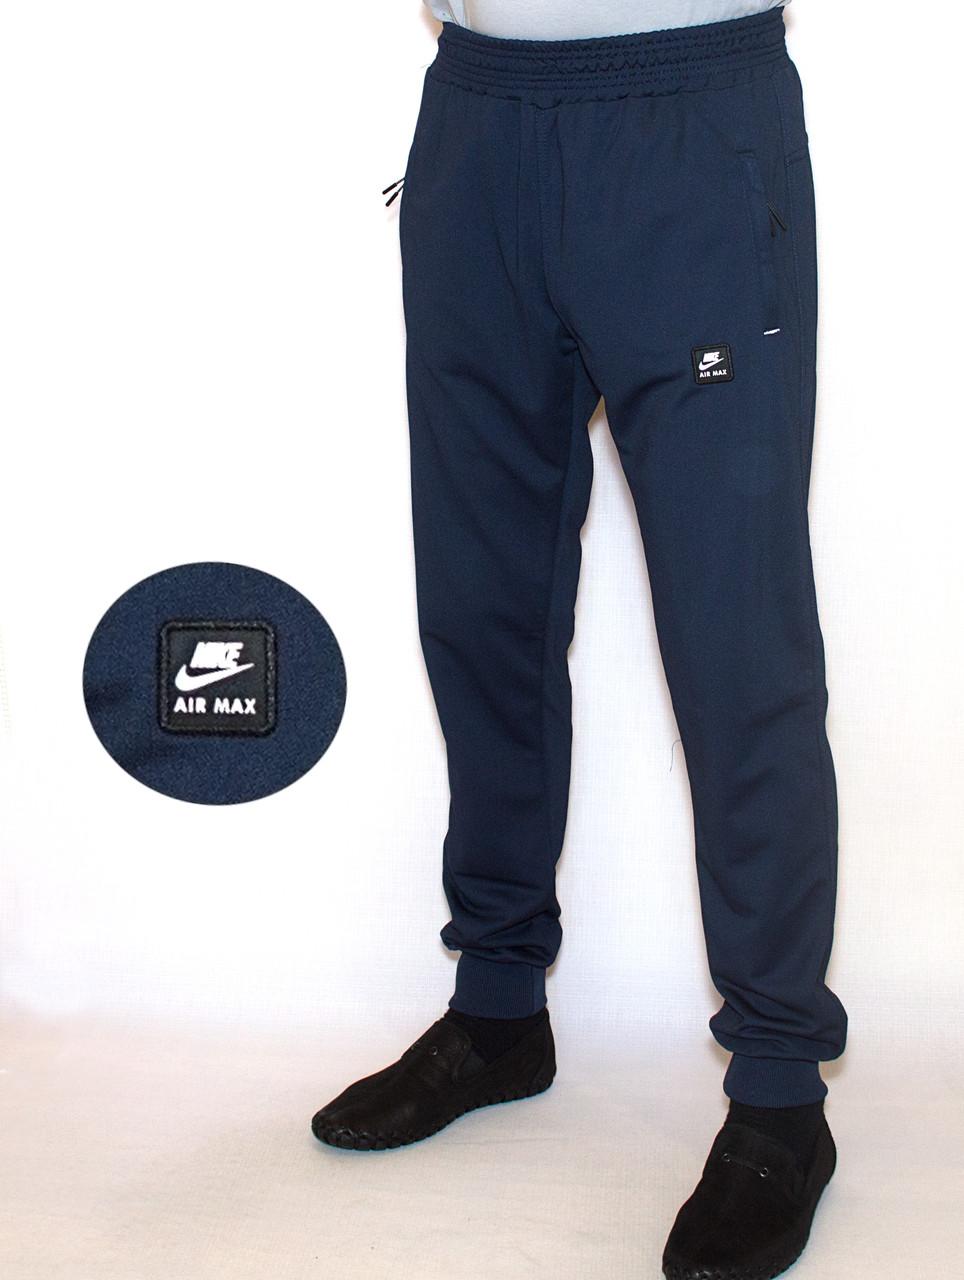 Мужские спортивные штаны NIKE (манжет)| (копия) (XL)